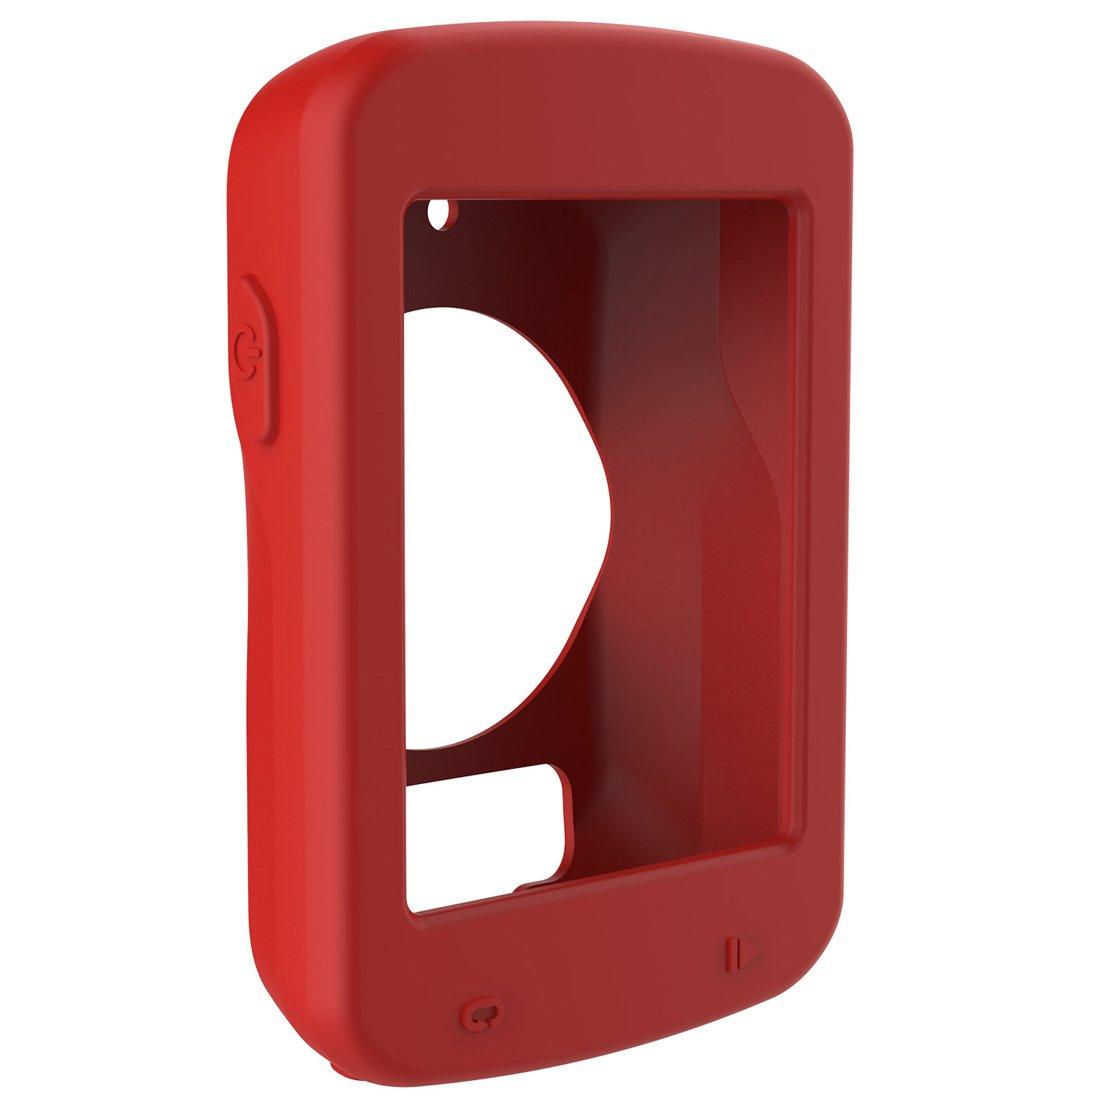 MOTONG for Garmin Edge 1030 Plus Case Cover Silicone Protective Case Cover Shell for Garmin Edge 1030//1030 Plus